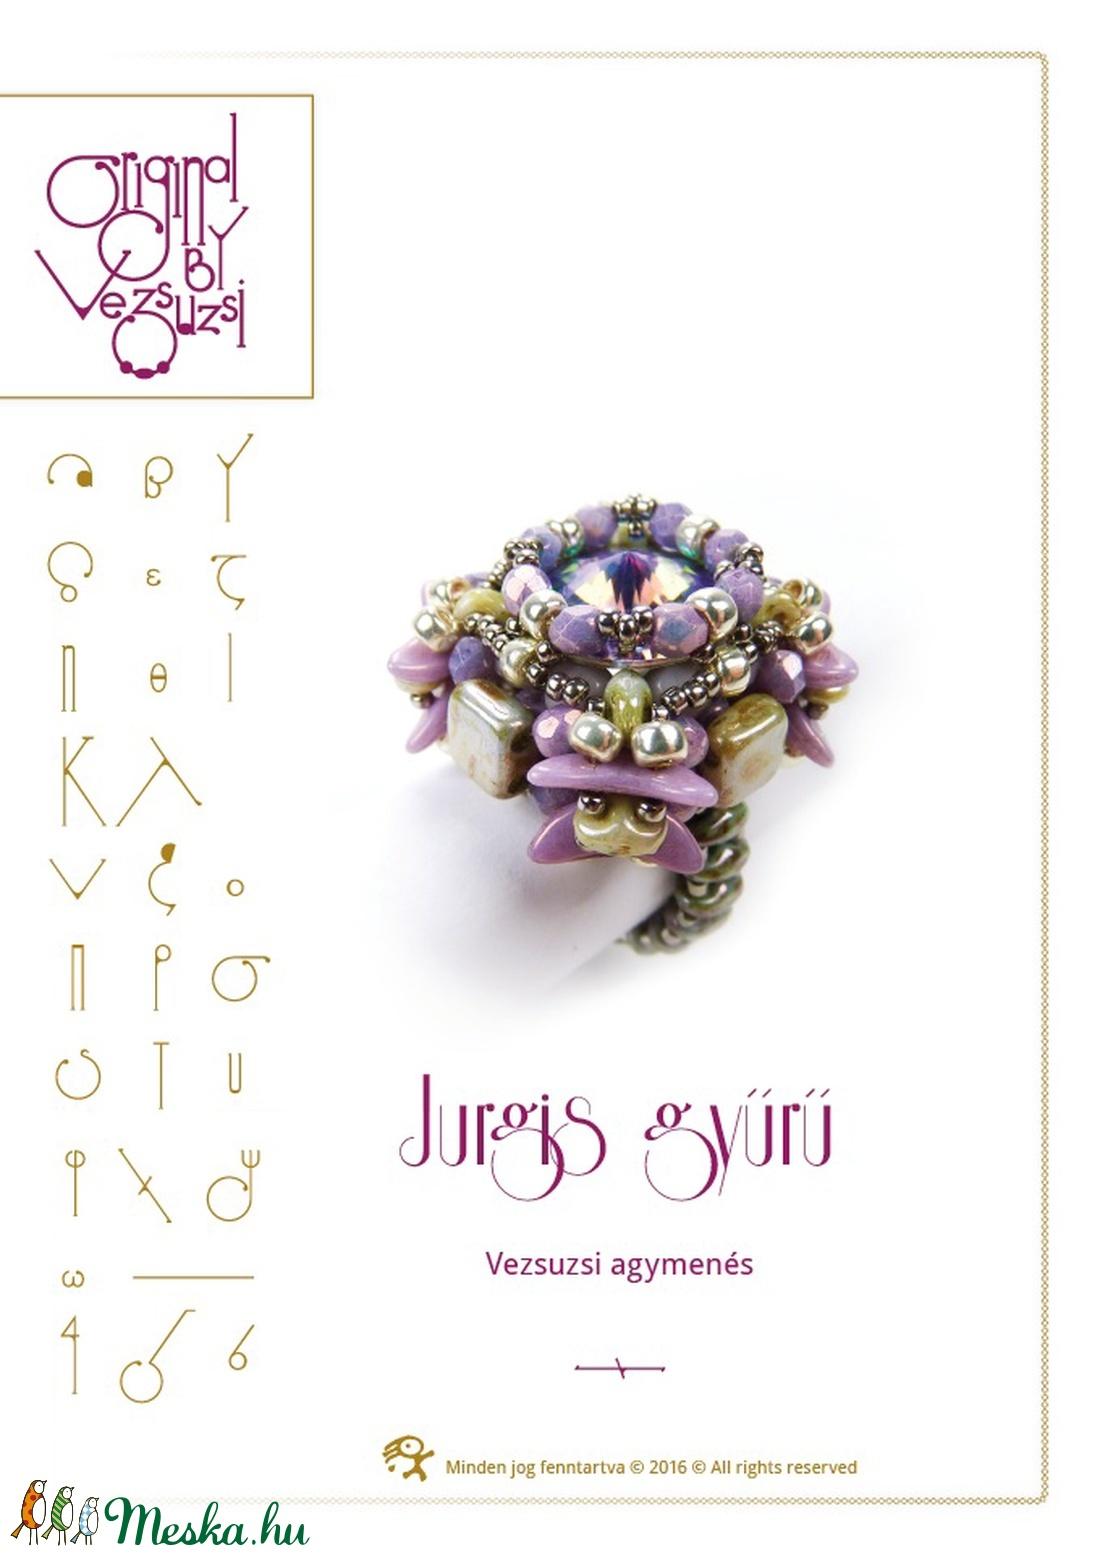 Jurgis gyűrű... minta egyéni felhasználásra (vezsuzsiminta) - Meska.hu